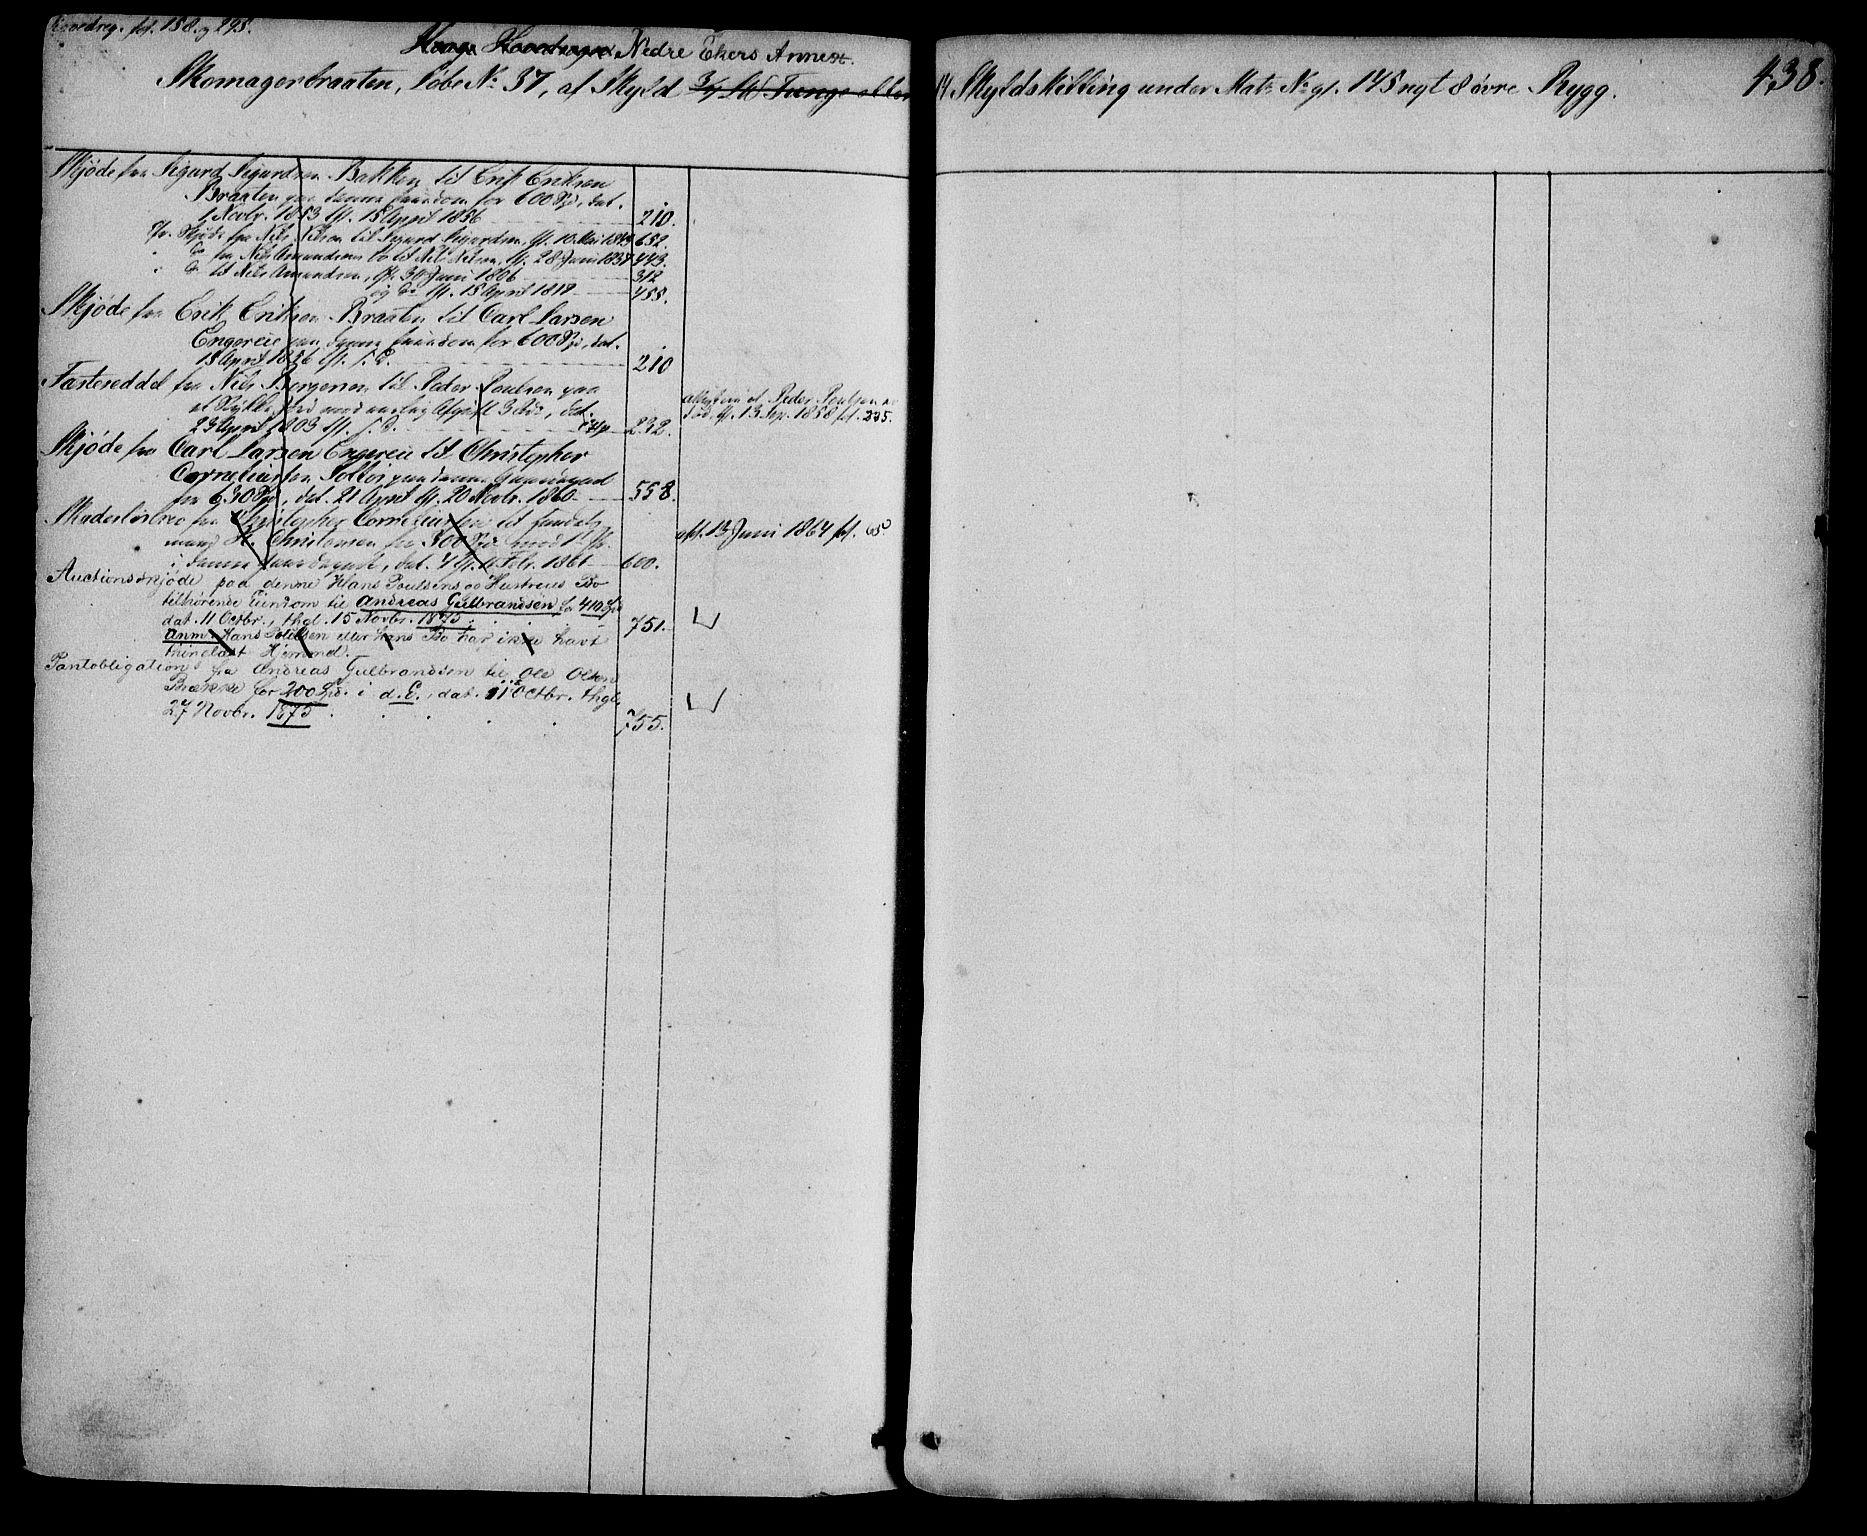 SAKO, Eiker, Modum og Sigdal sorenskriveri, G/Gb/Gbc/L0003: Mortgage register no. III 3, p. 438